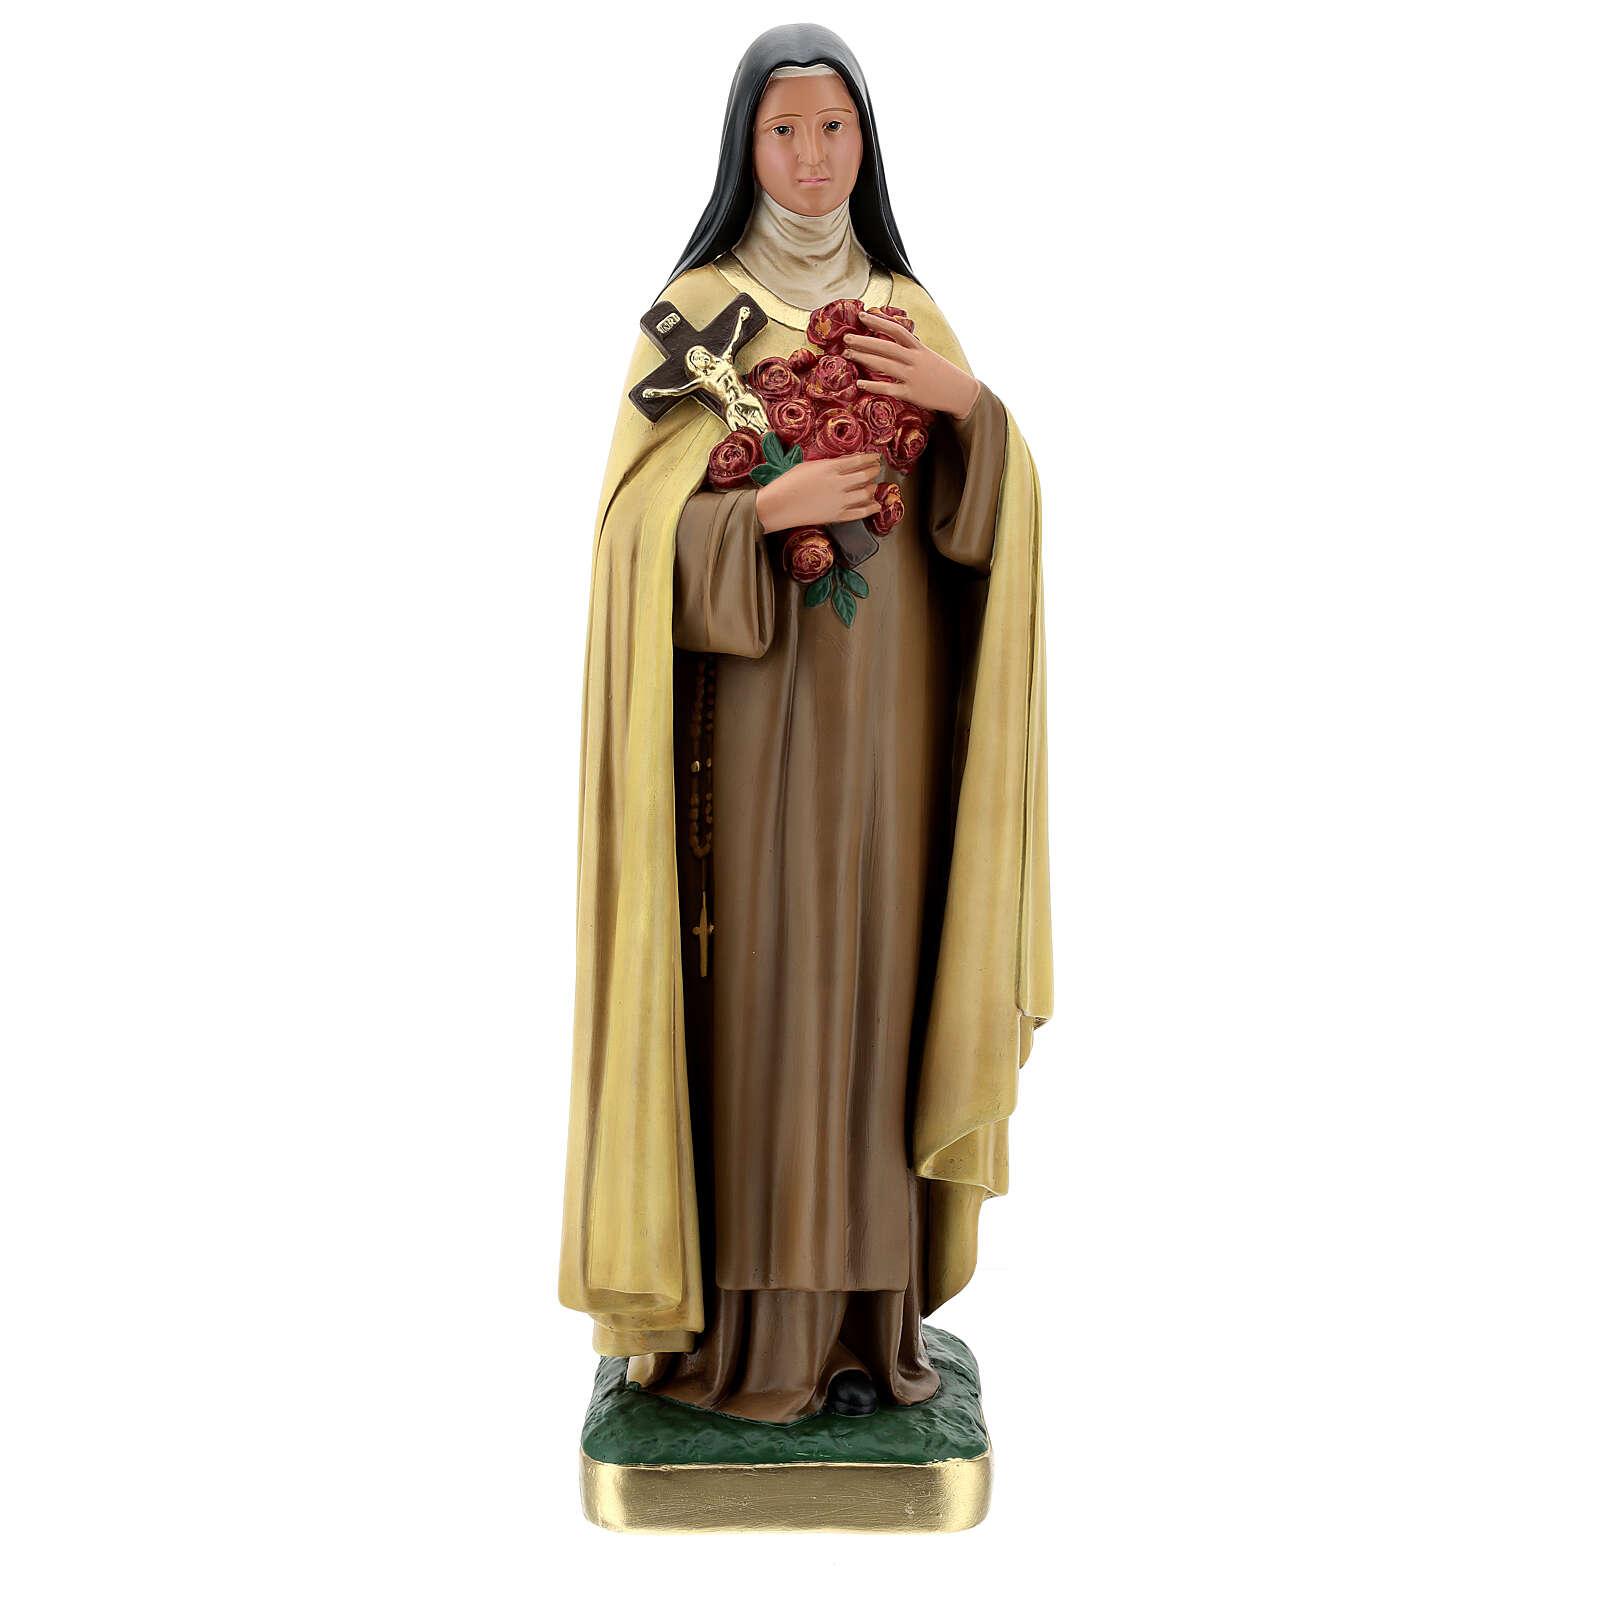 Statue aus Gips Heilige Therese vom Kinde Jesu von Arte Barsanti, 60 cm 4